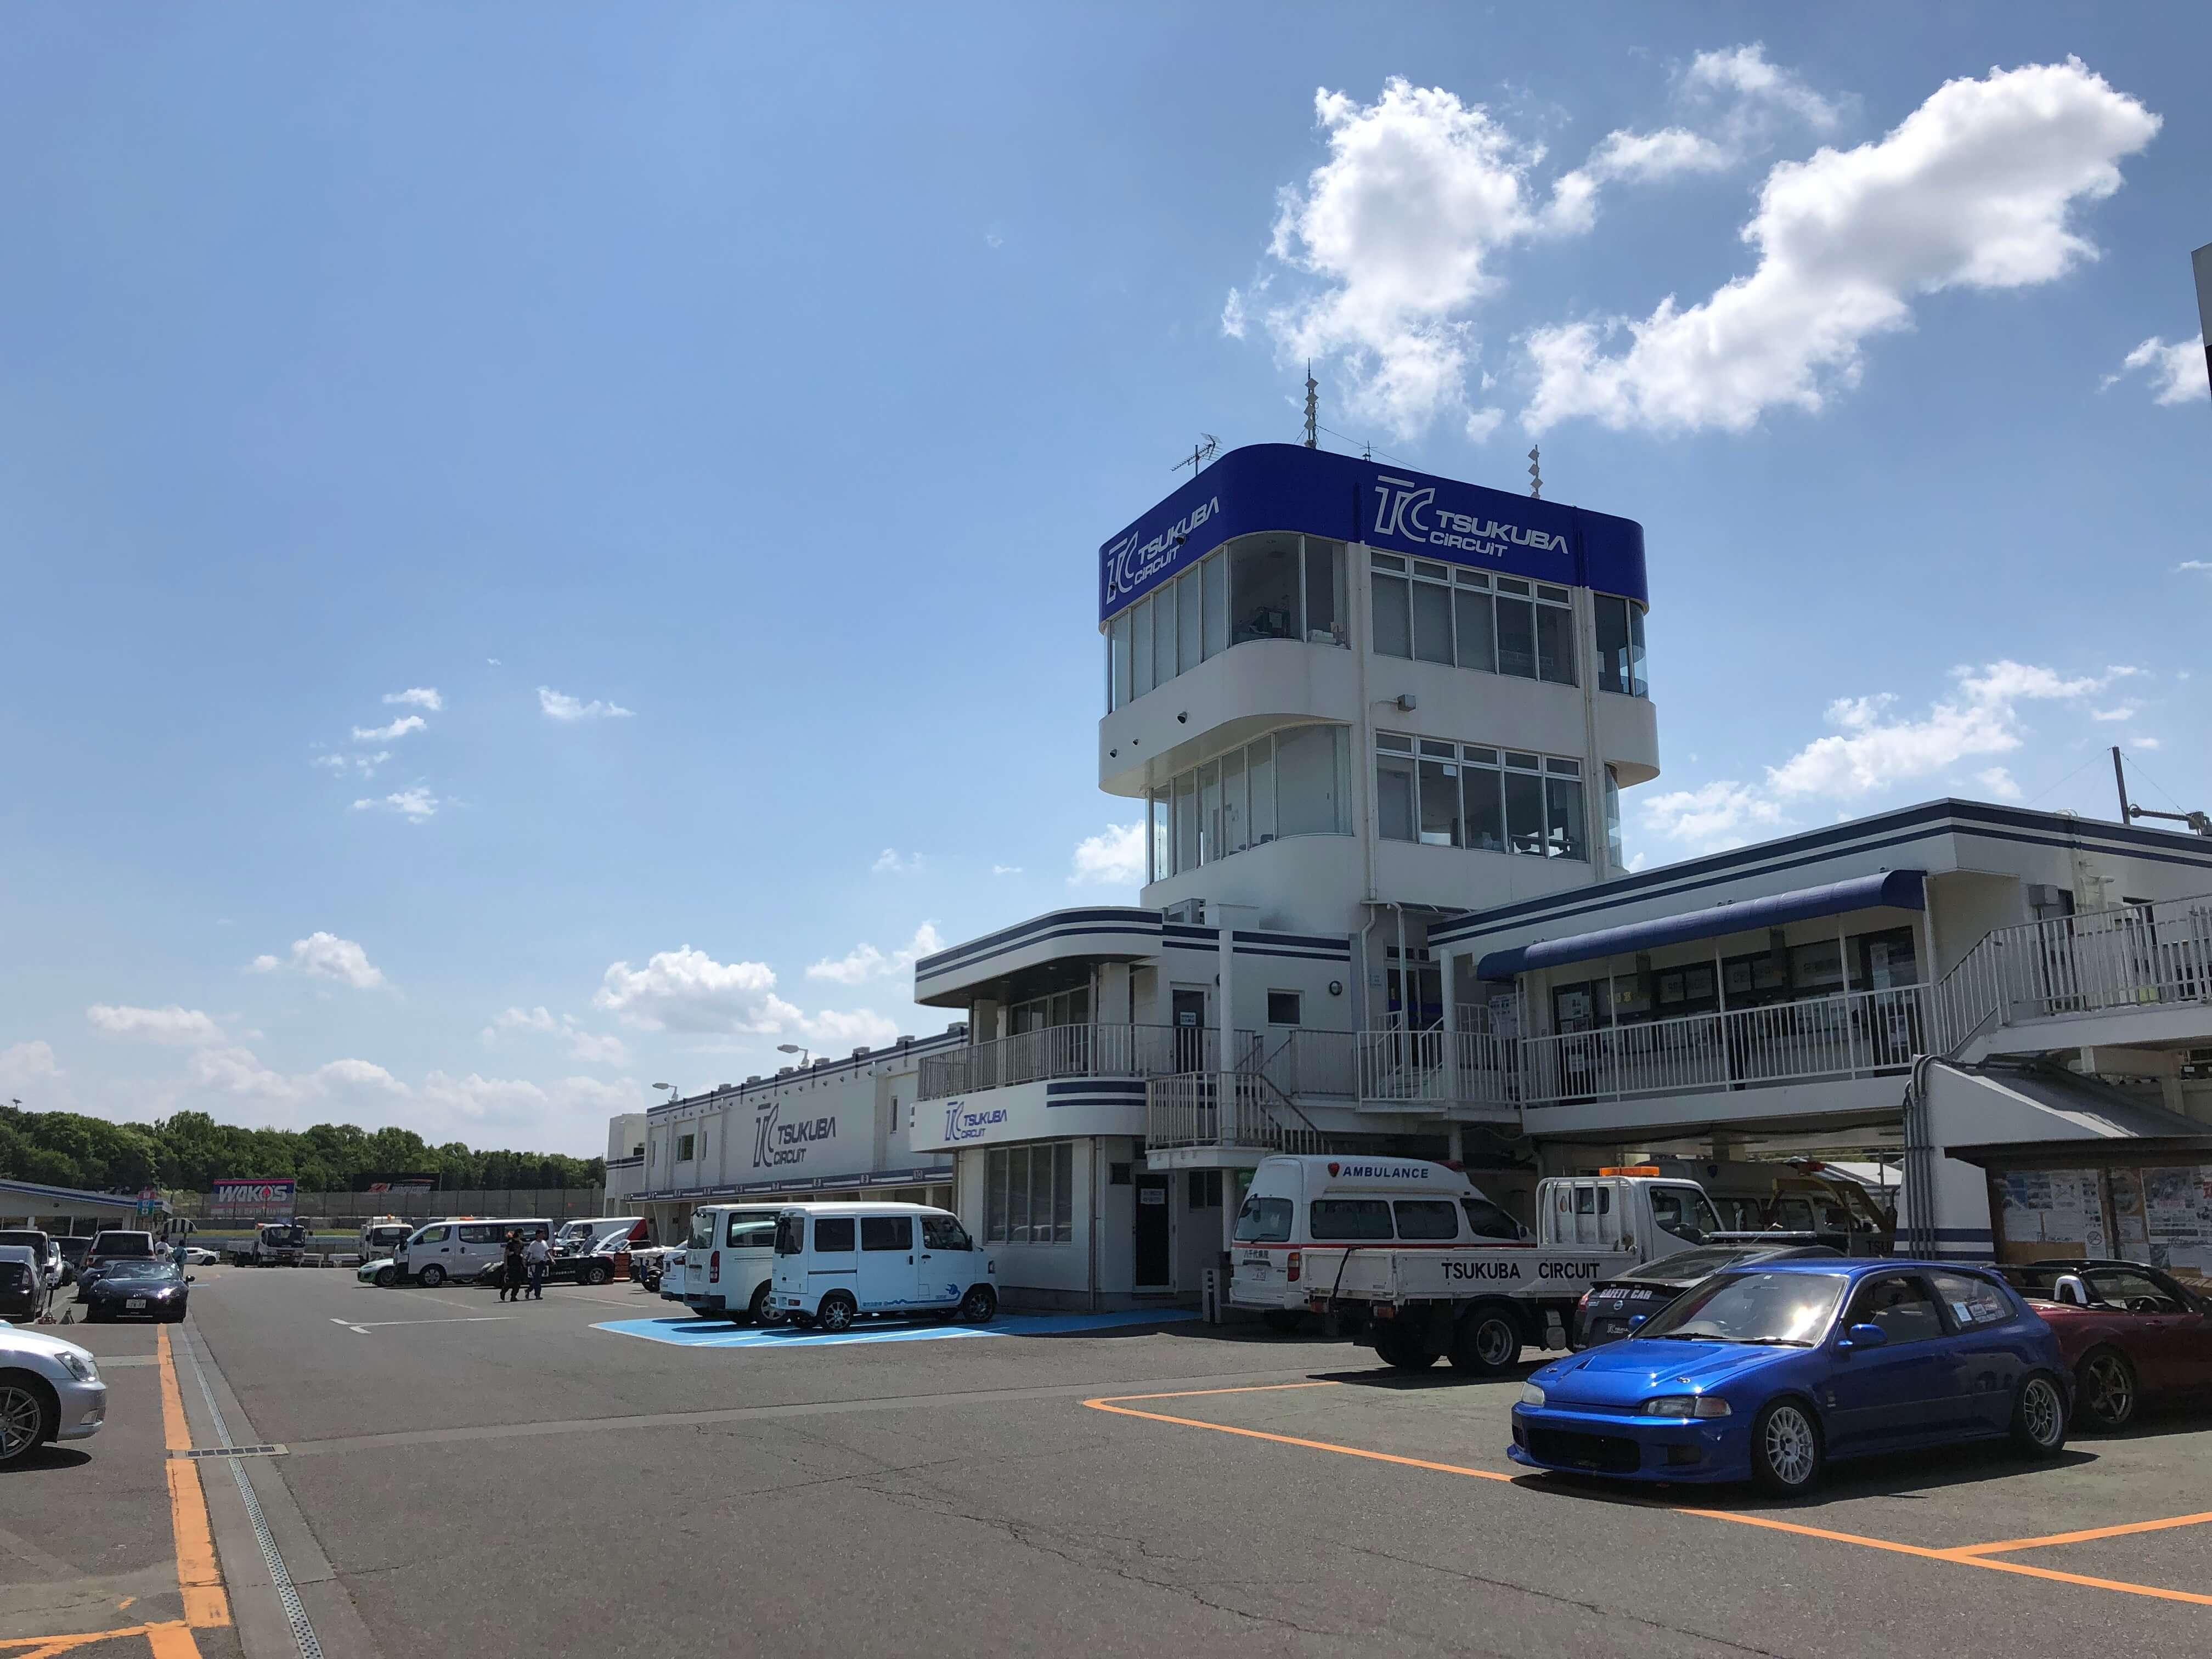 TC2000 Aパドック ドライバーズサロン ピット 走行会